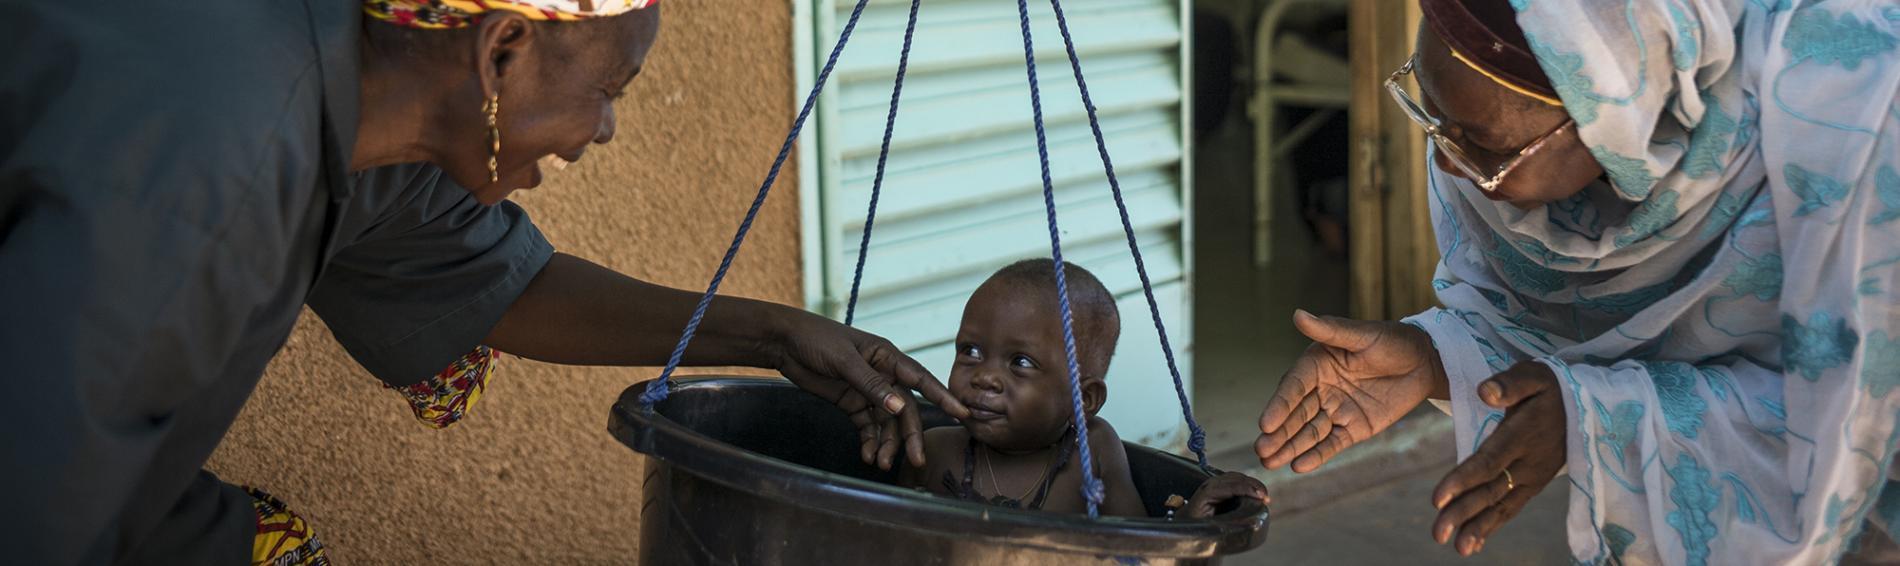 Kind wird auf Mangelernährung untersucht. Foto: Olivier Papegnies